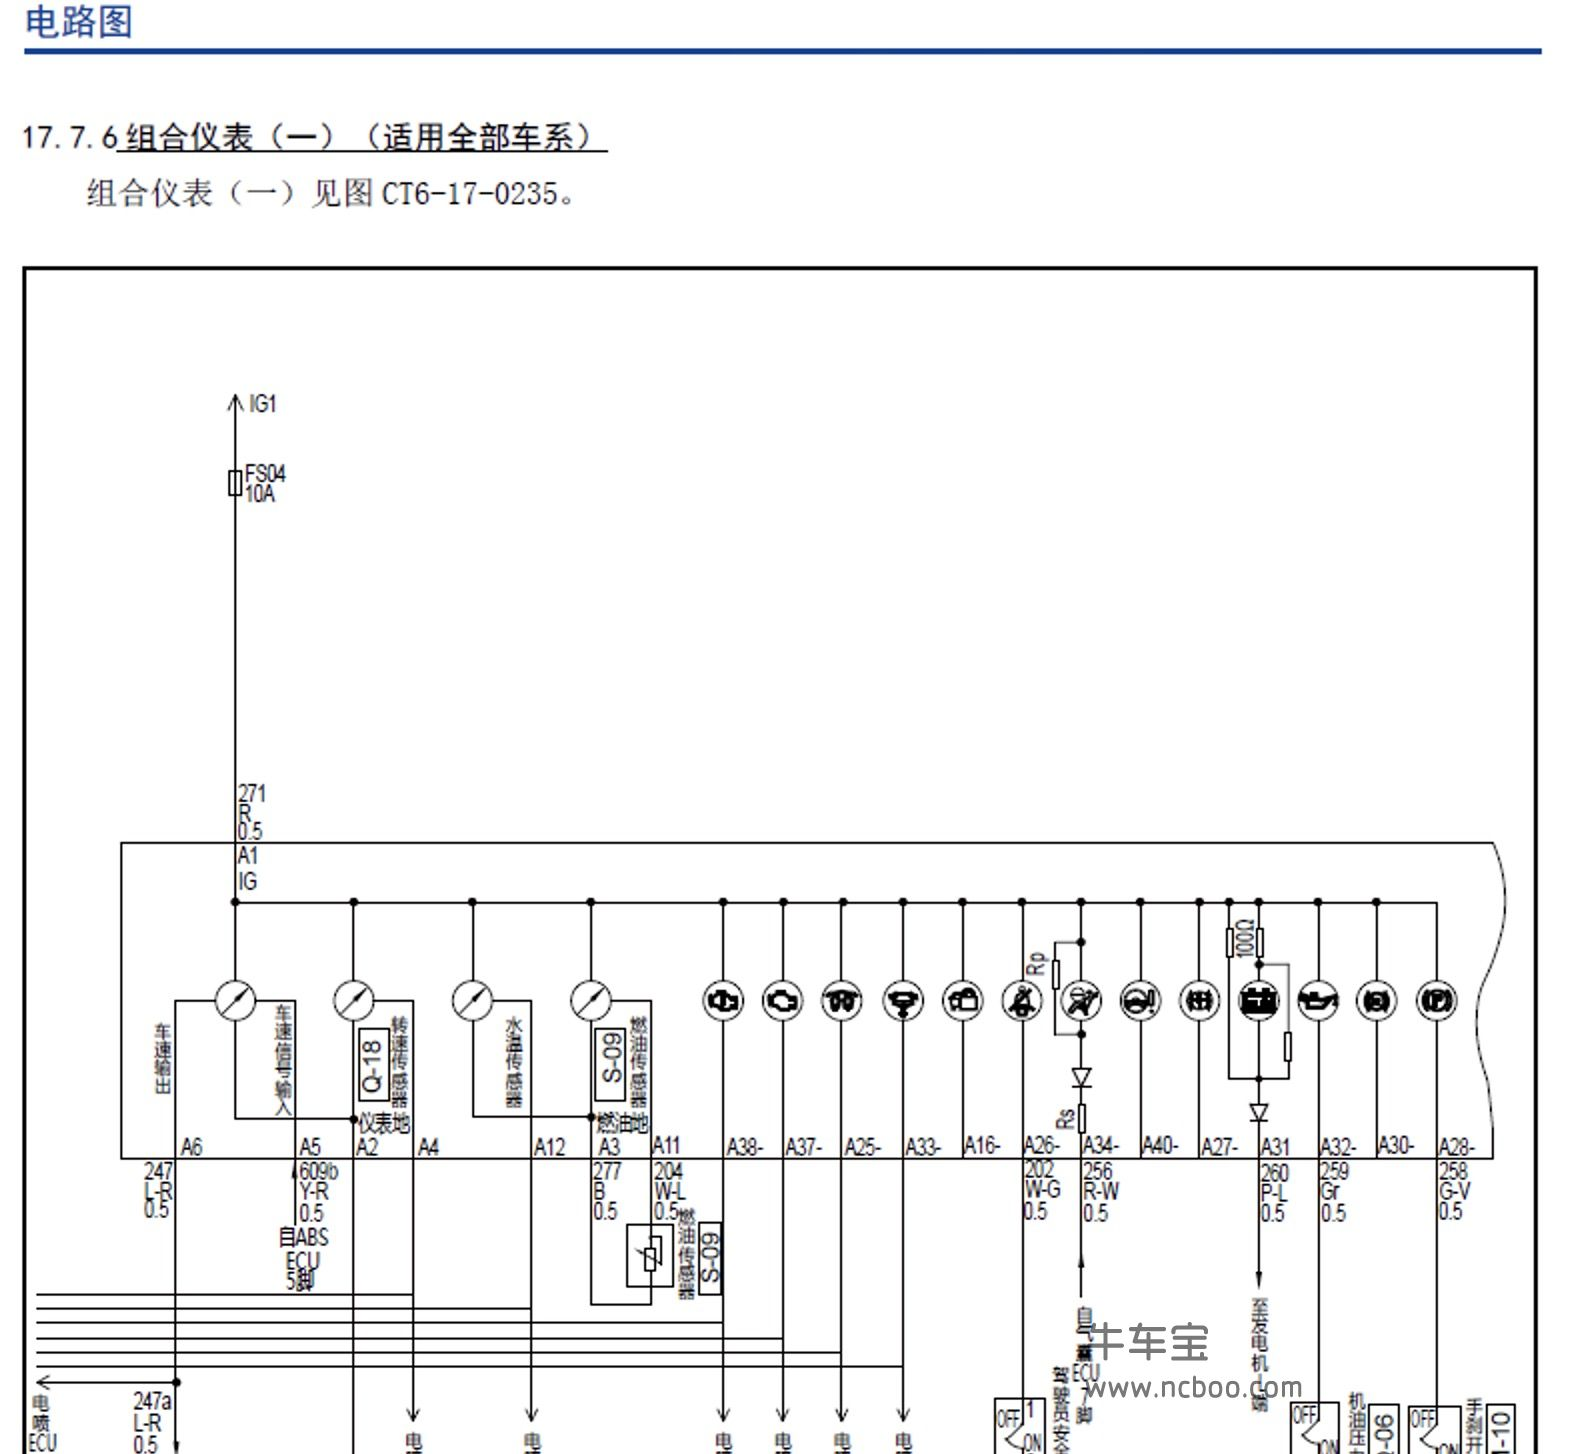 2017-2018款猎豹CT7柴油原厂维修手册和电路图下载